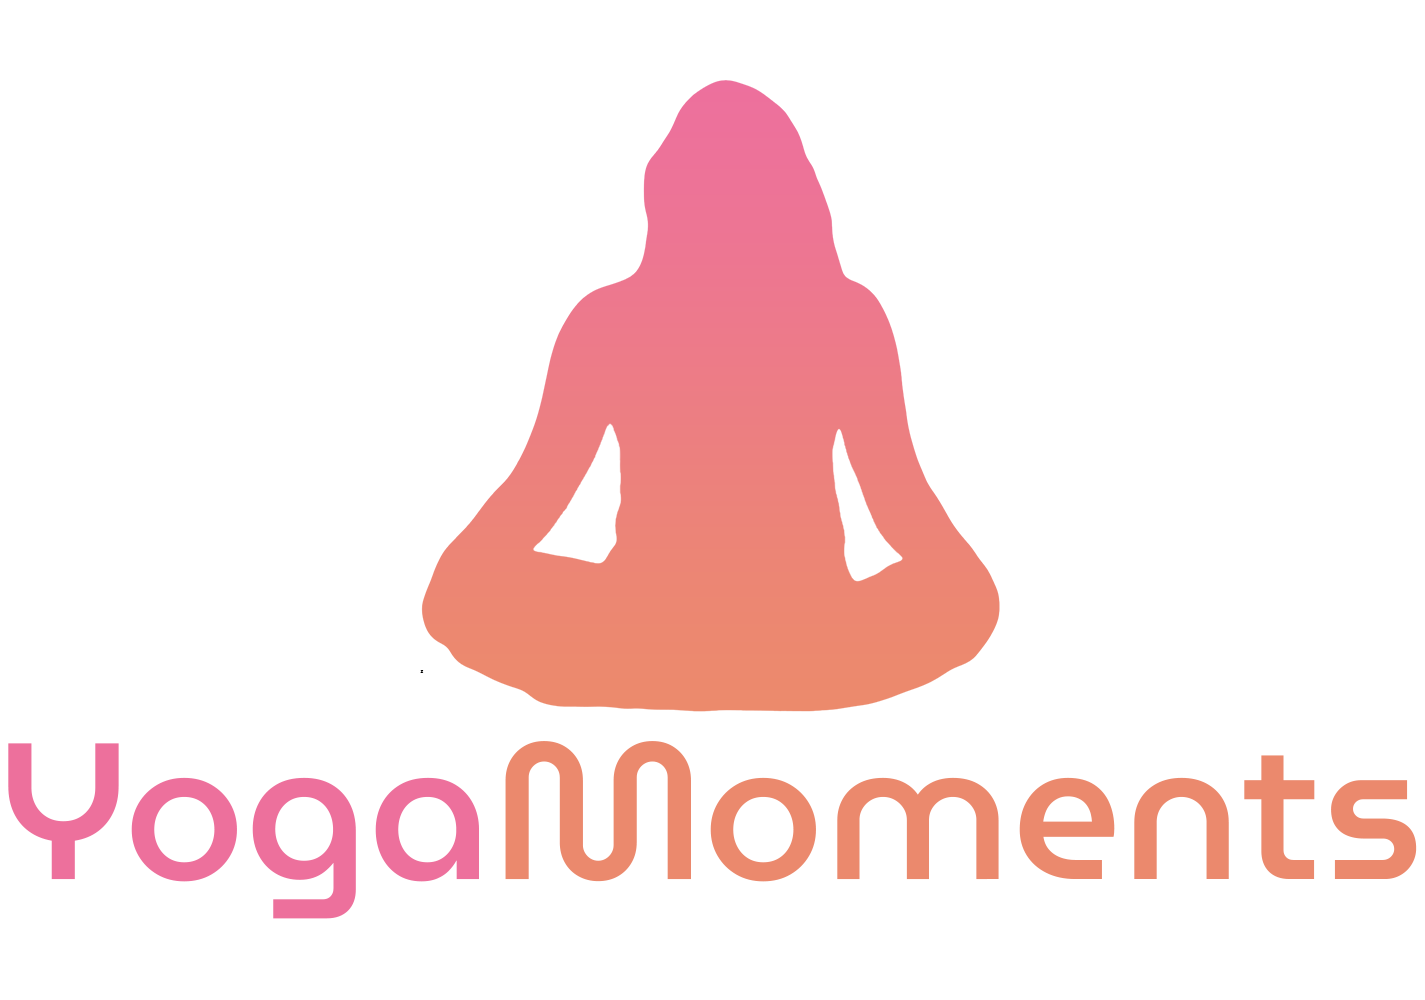 YogaMoments